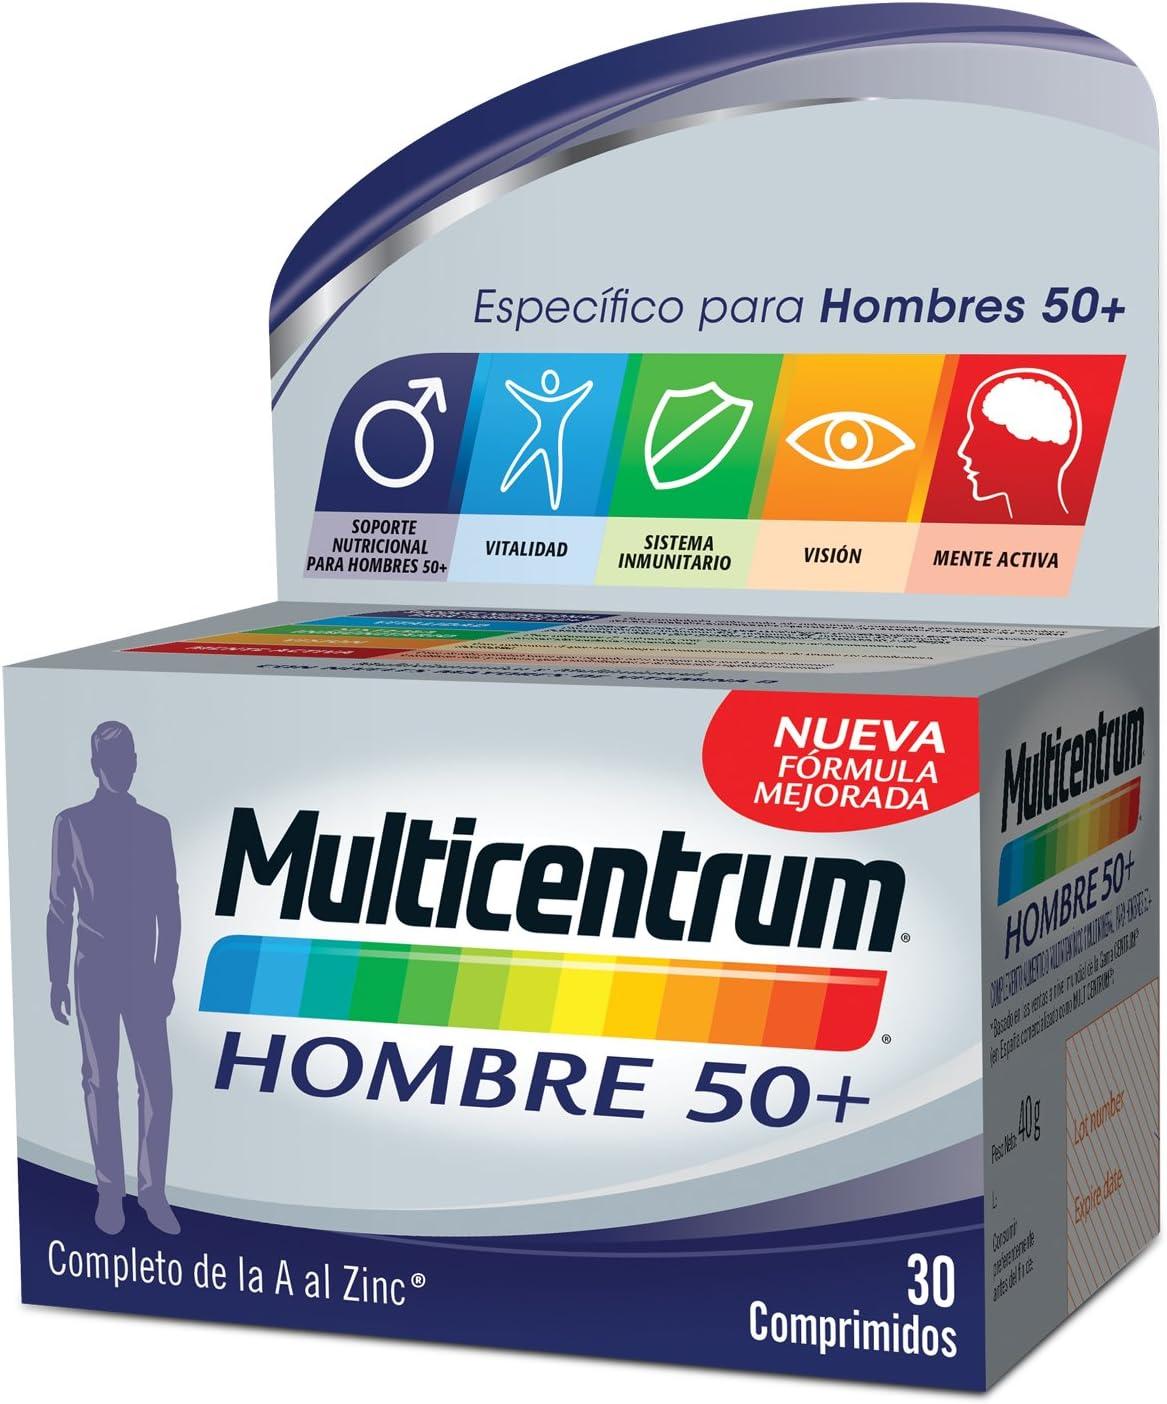 Multicentrum Hombre 50+ Complemento Alimenticio con 13 Vitaminas y 11 Minerales, Con Vitamina B1, Vitamina B6, Vitamina B12, Hierro, Vitamina D, Vitamina C | 30 Comprimidos